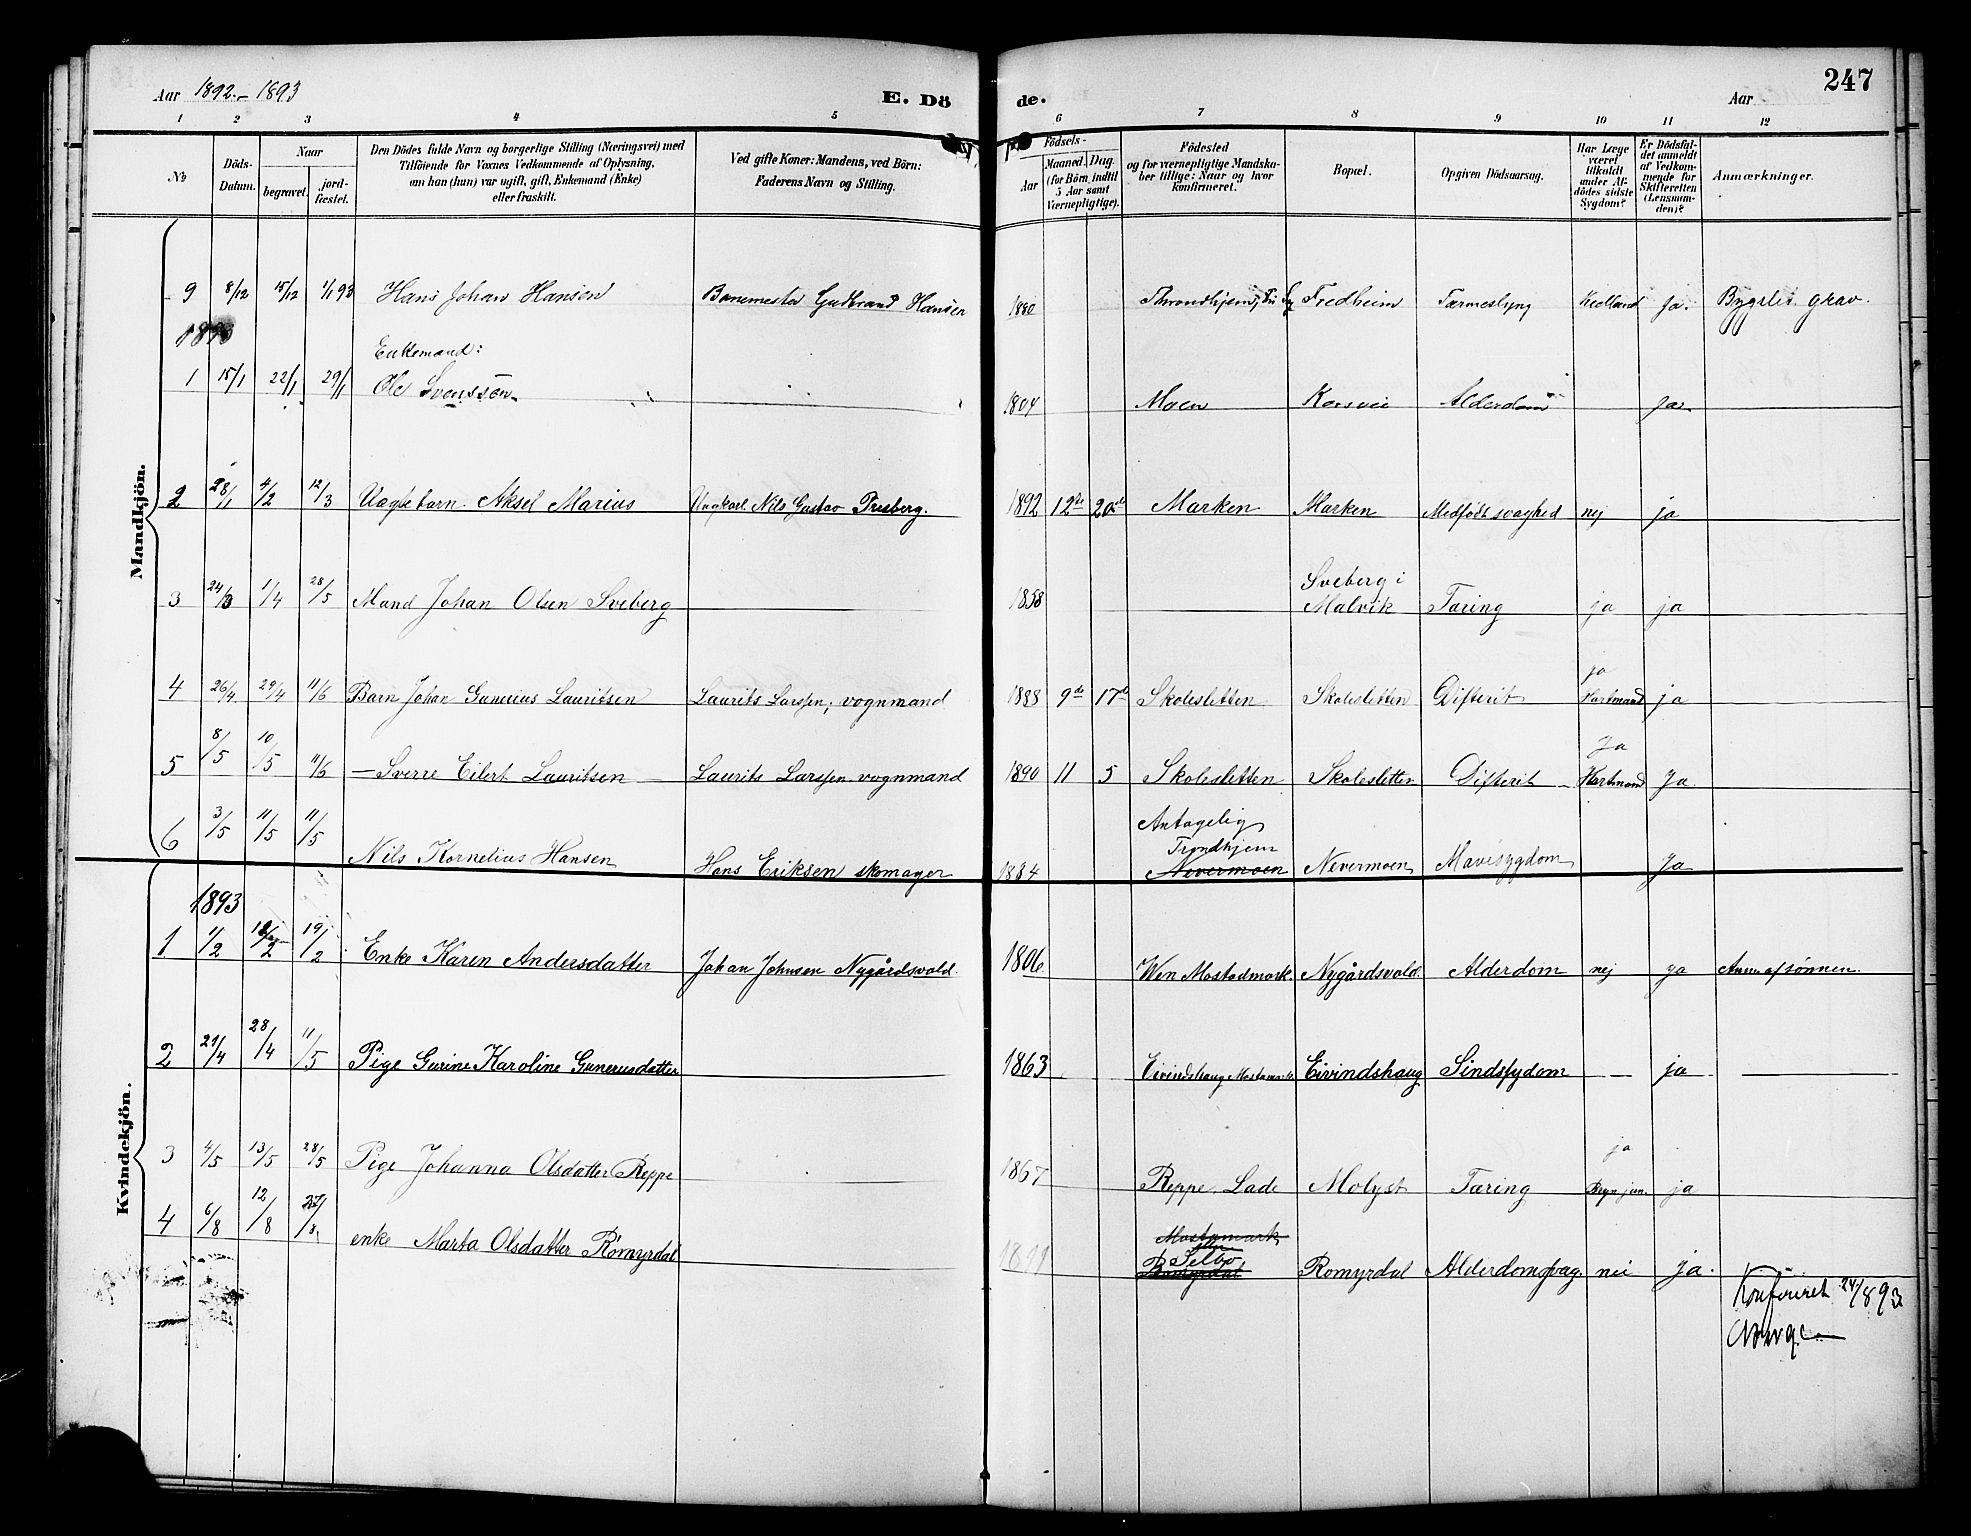 SAT, Ministerialprotokoller, klokkerbøker og fødselsregistre - Sør-Trøndelag, 617/L0431: Klokkerbok nr. 617C01, 1889-1910, s. 247